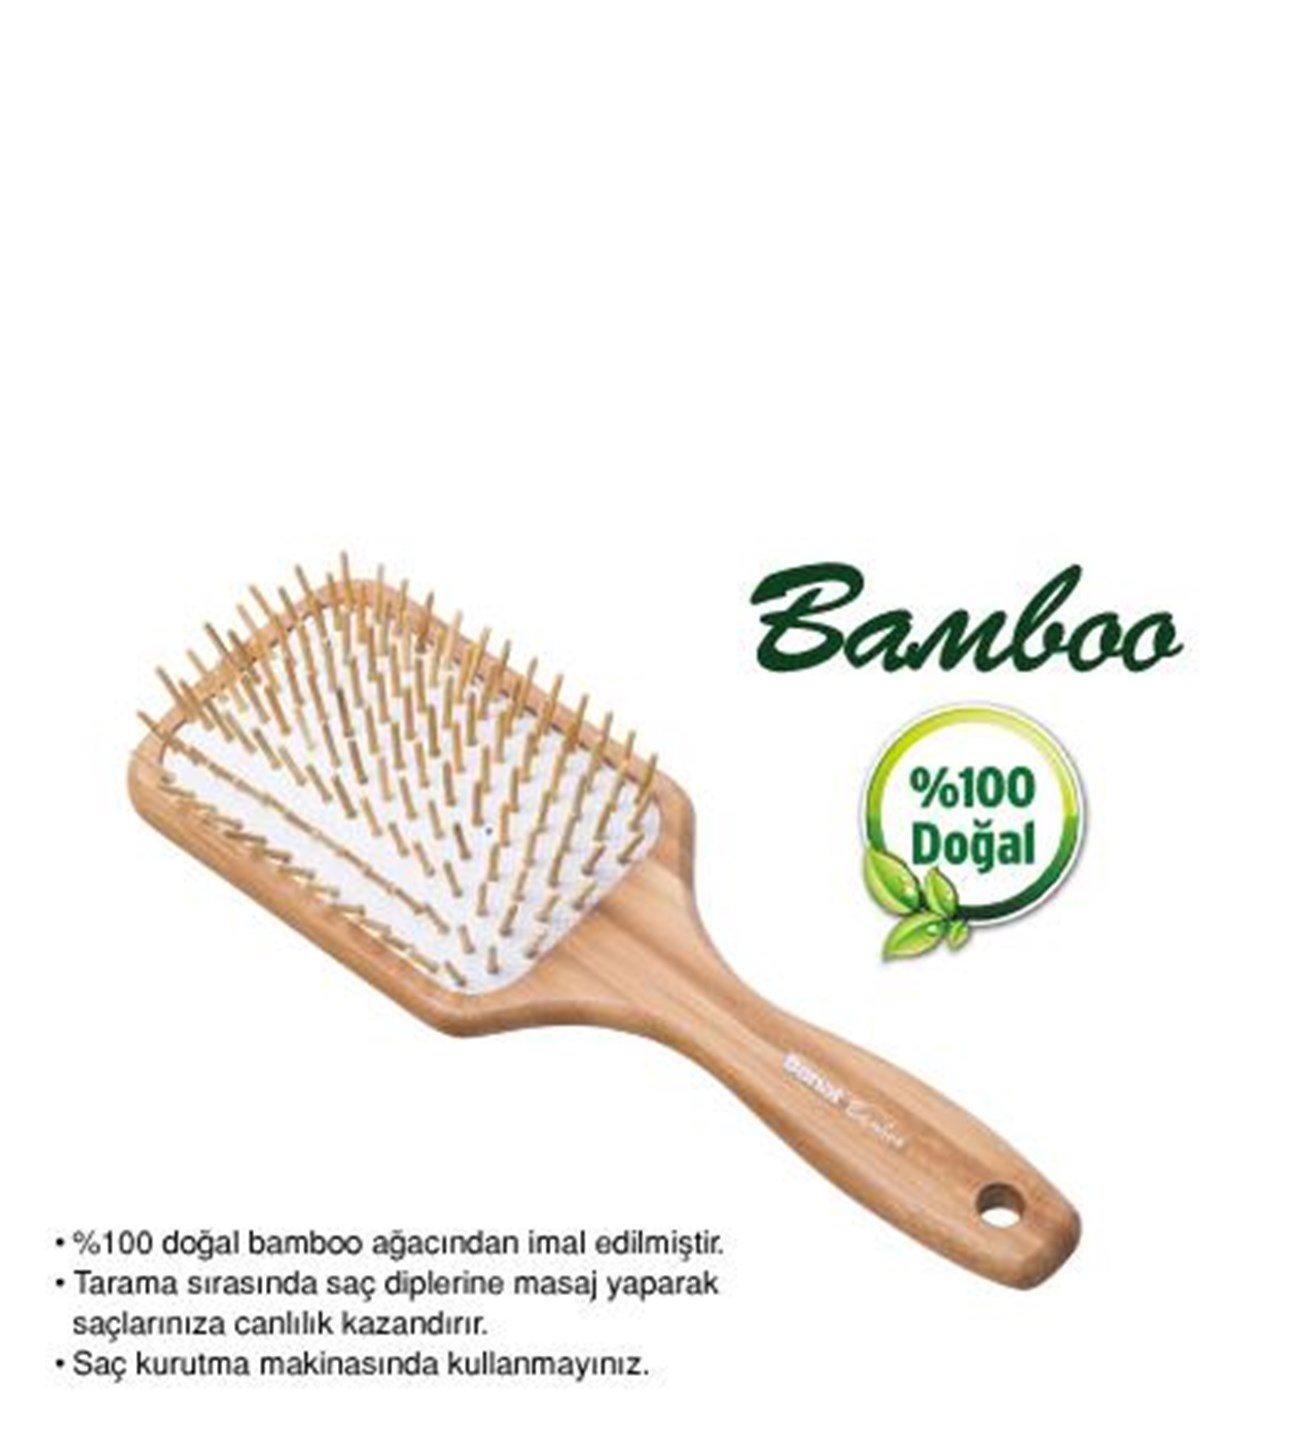 BANAT BAMBOO SAC FIRCASI 129